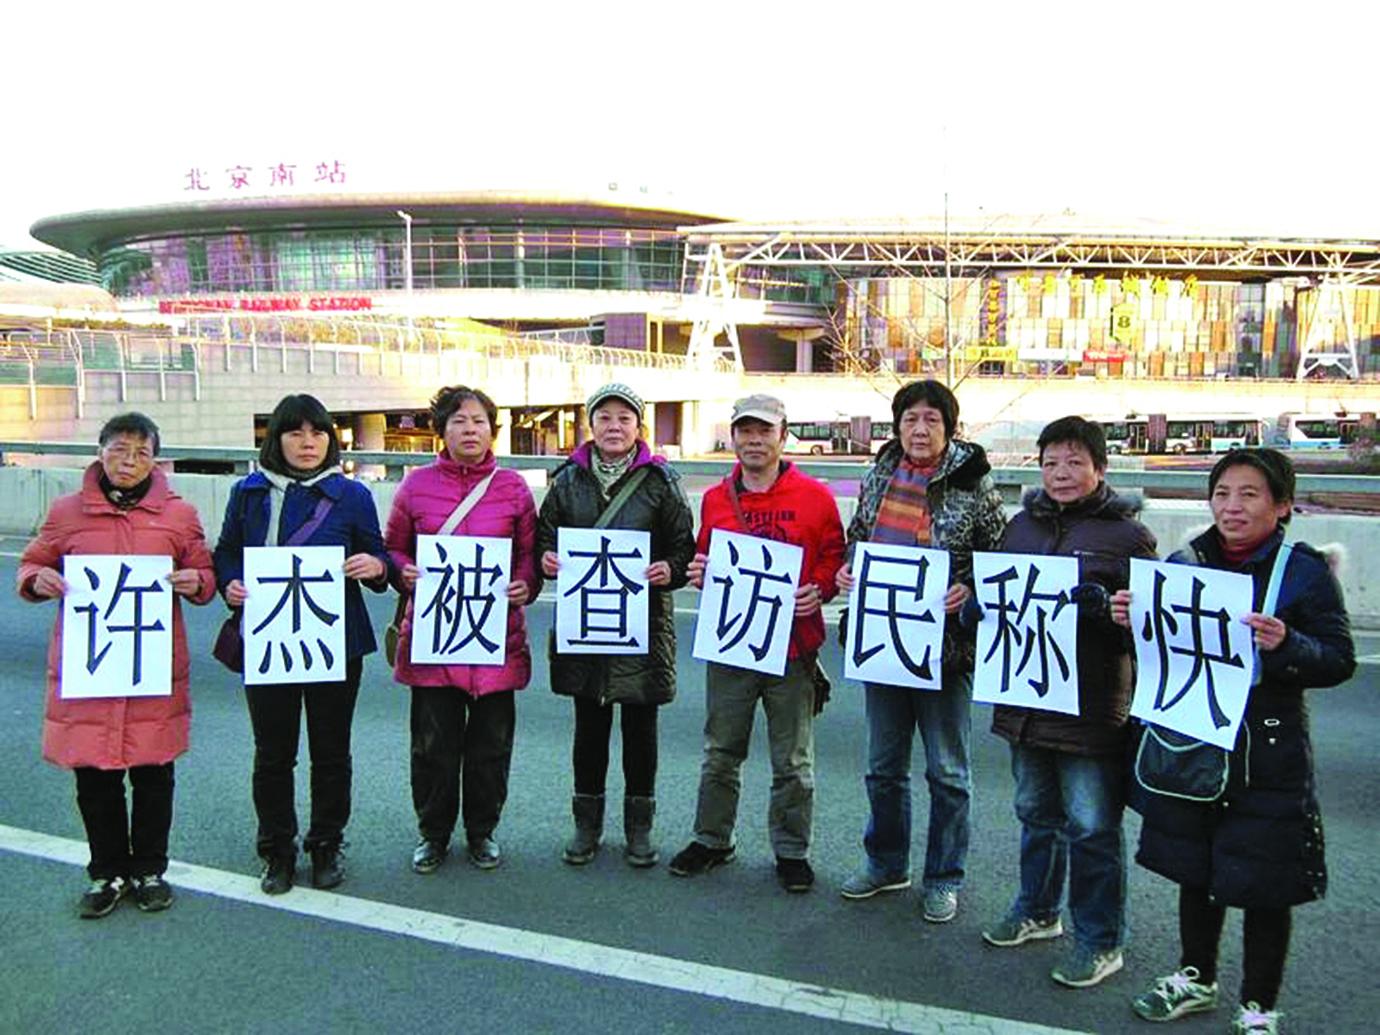 2013年11月28日,上海訪民得知中共信訪局副局長許傑落馬後,舉牌慶賀。(知情者提供)